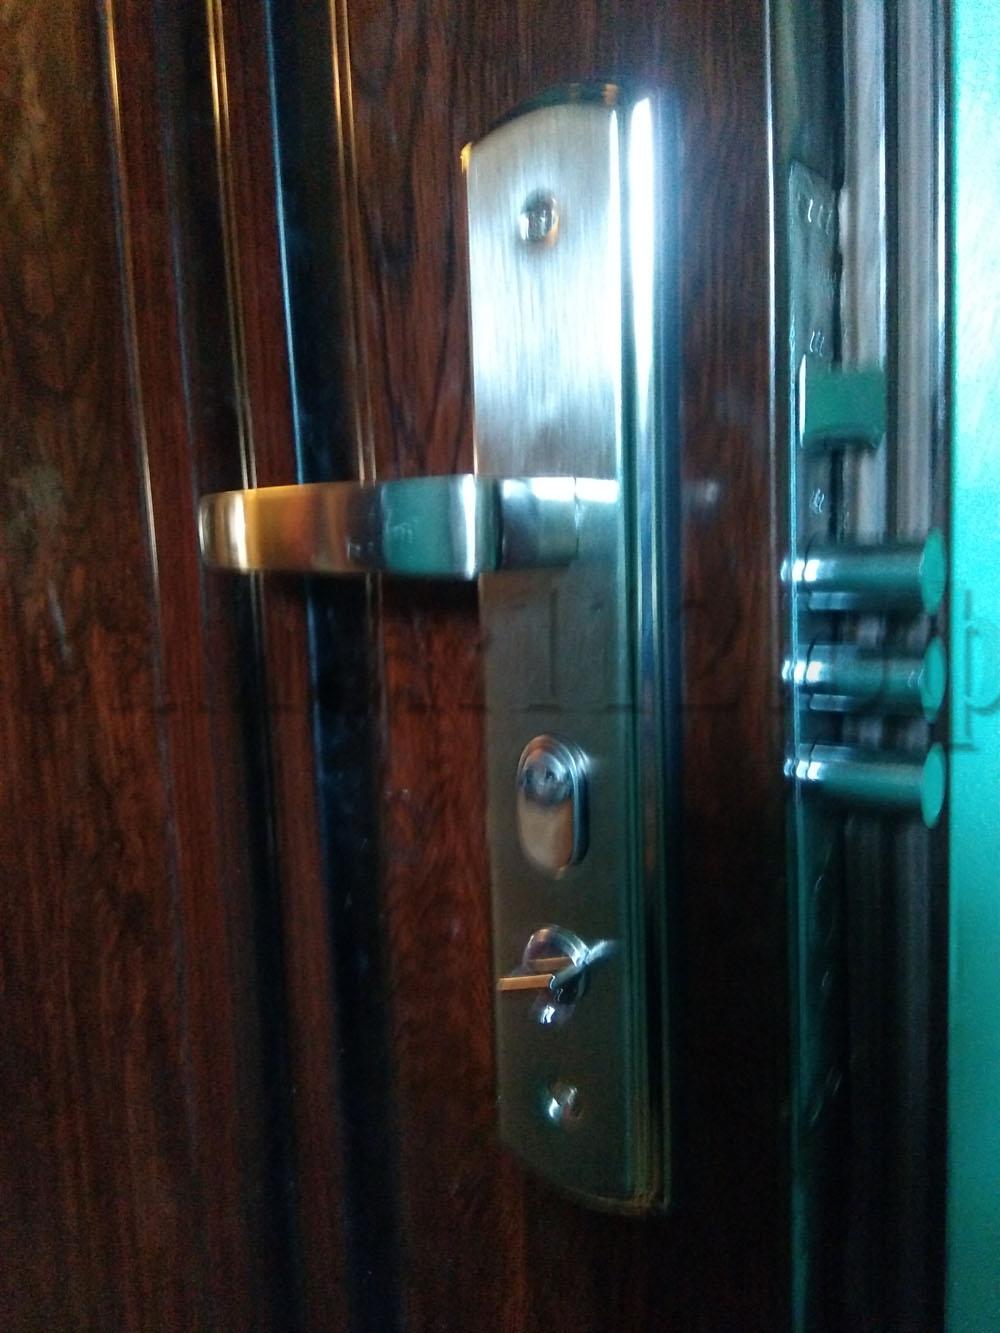 замок поменять в металлической двери белгород